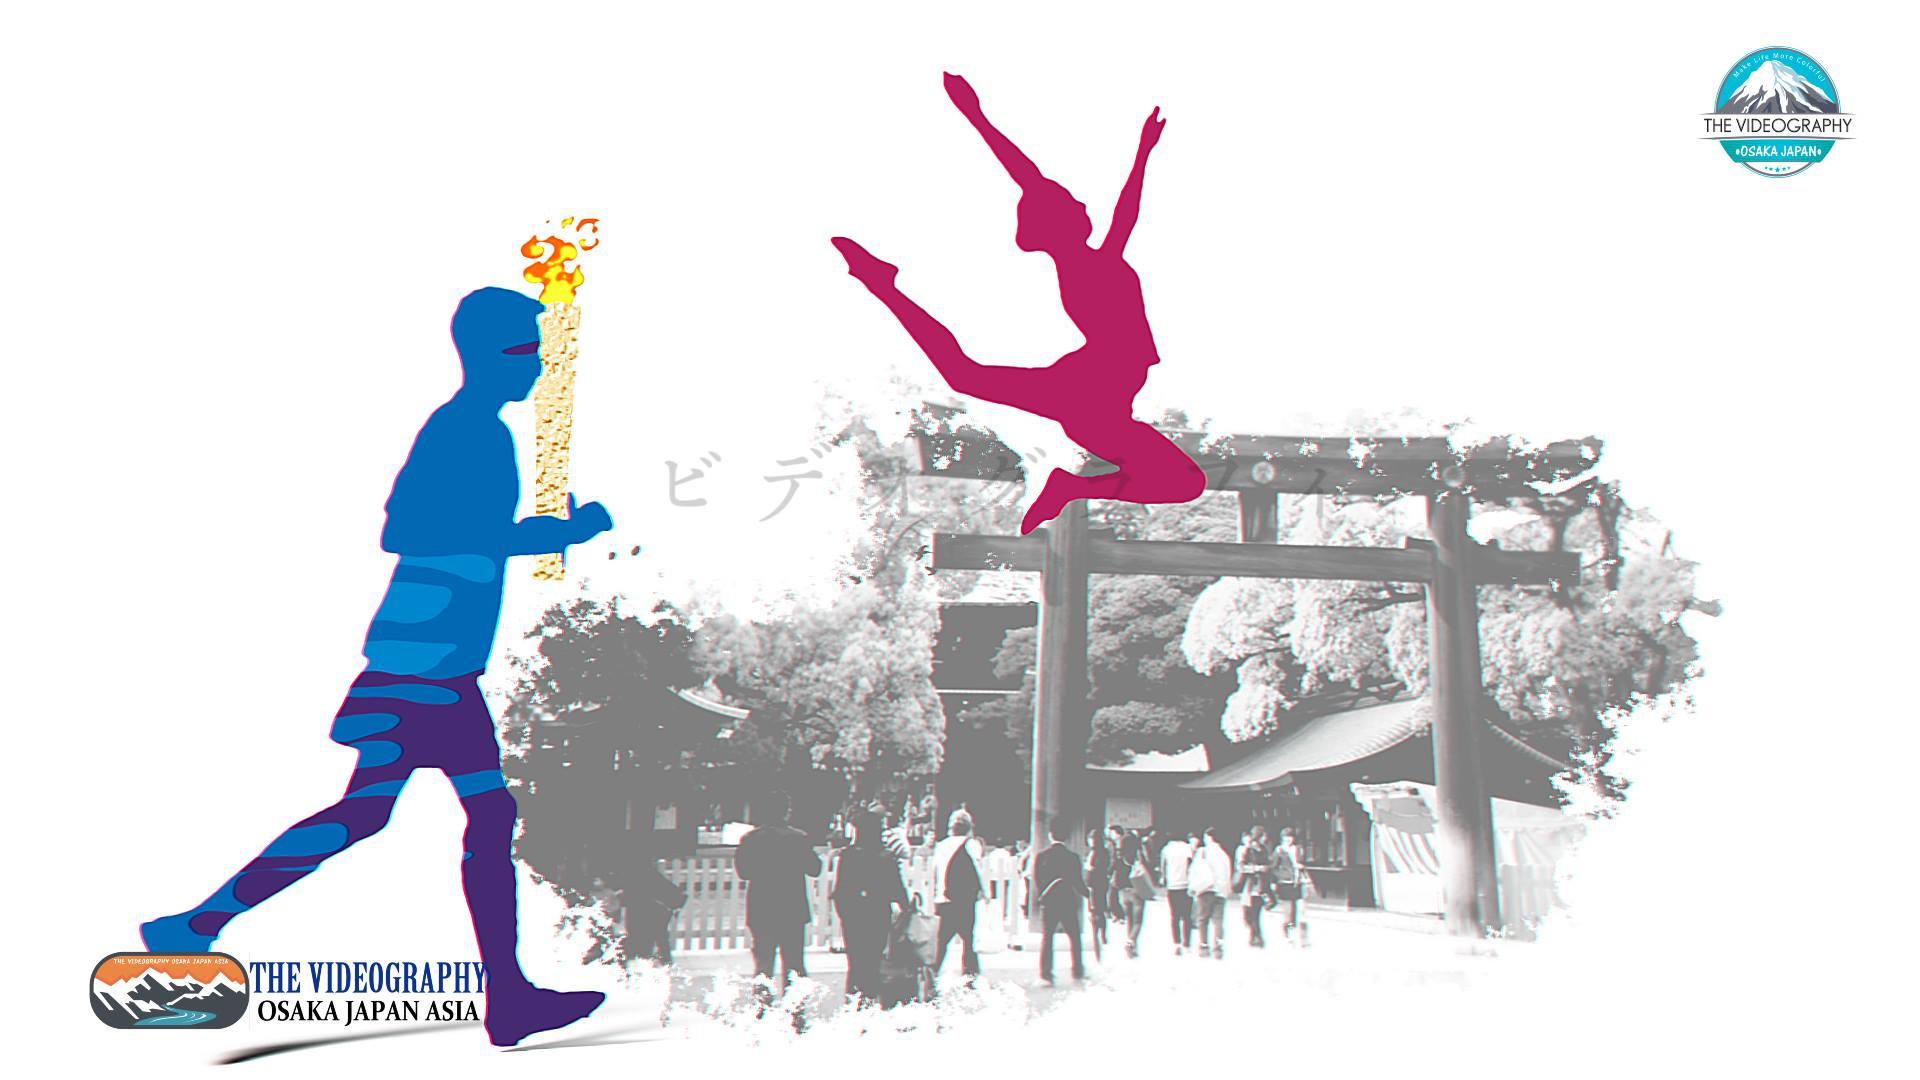 マラソン 体操 新体操などスポーツイベントの動画制作 ビデオ撮影 動画編集 DVD制作